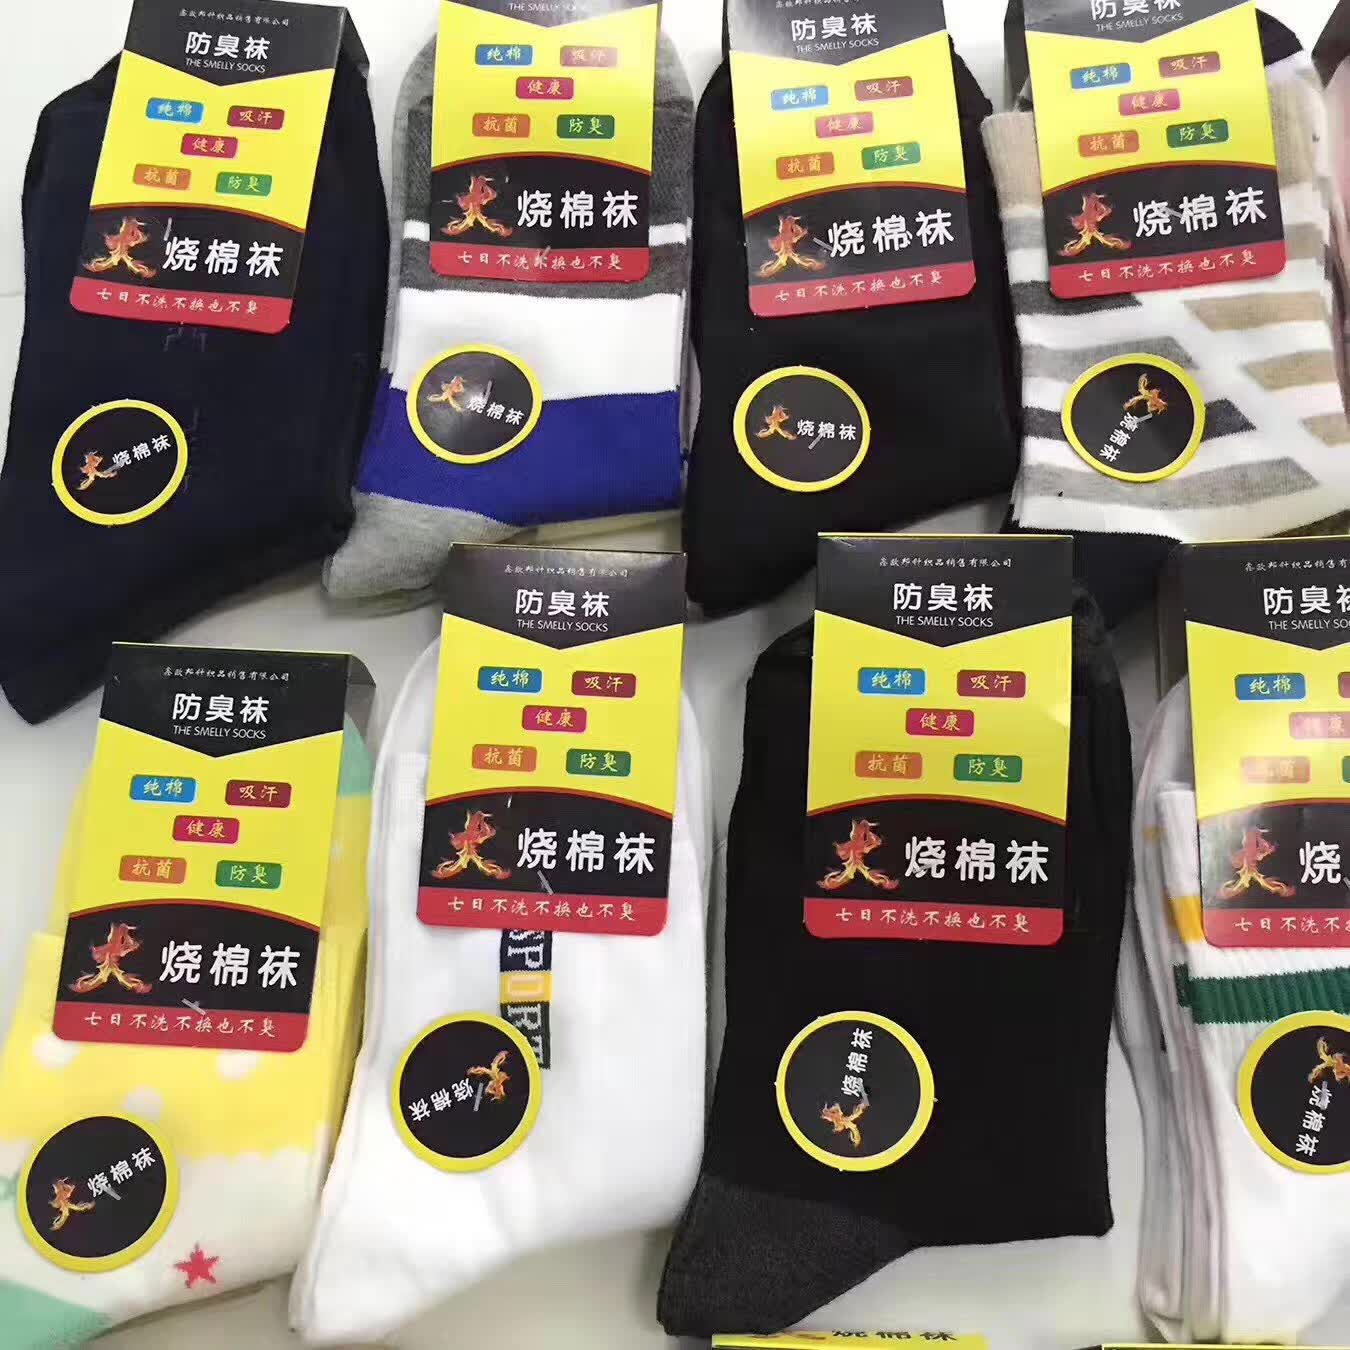 火烧棉袜子批发货源厂家 地摊10元4双防臭袜价格 冬季纯棉袜子批发网